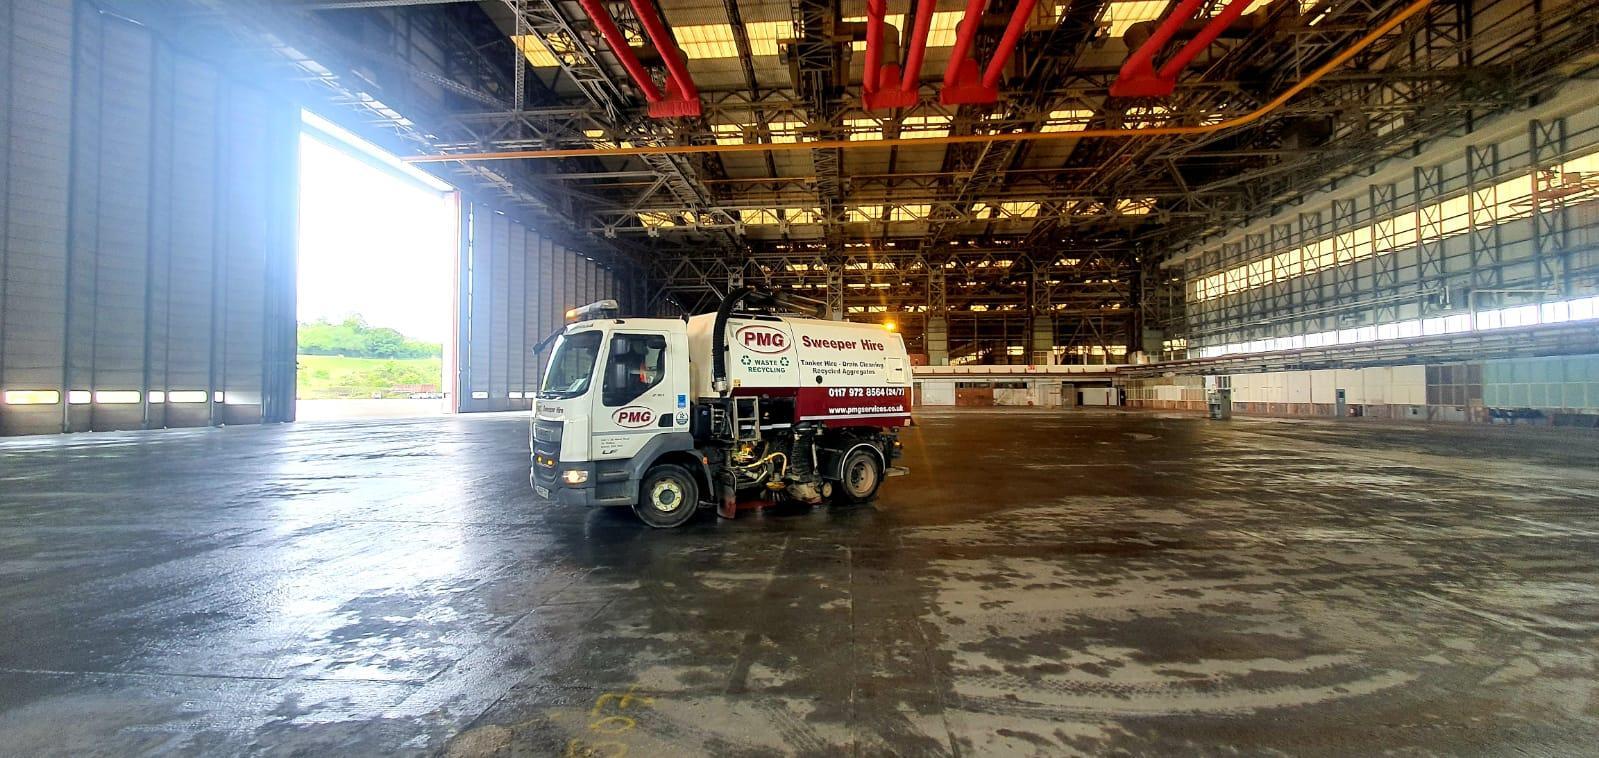 Road sweeping at Brabazon Hangar